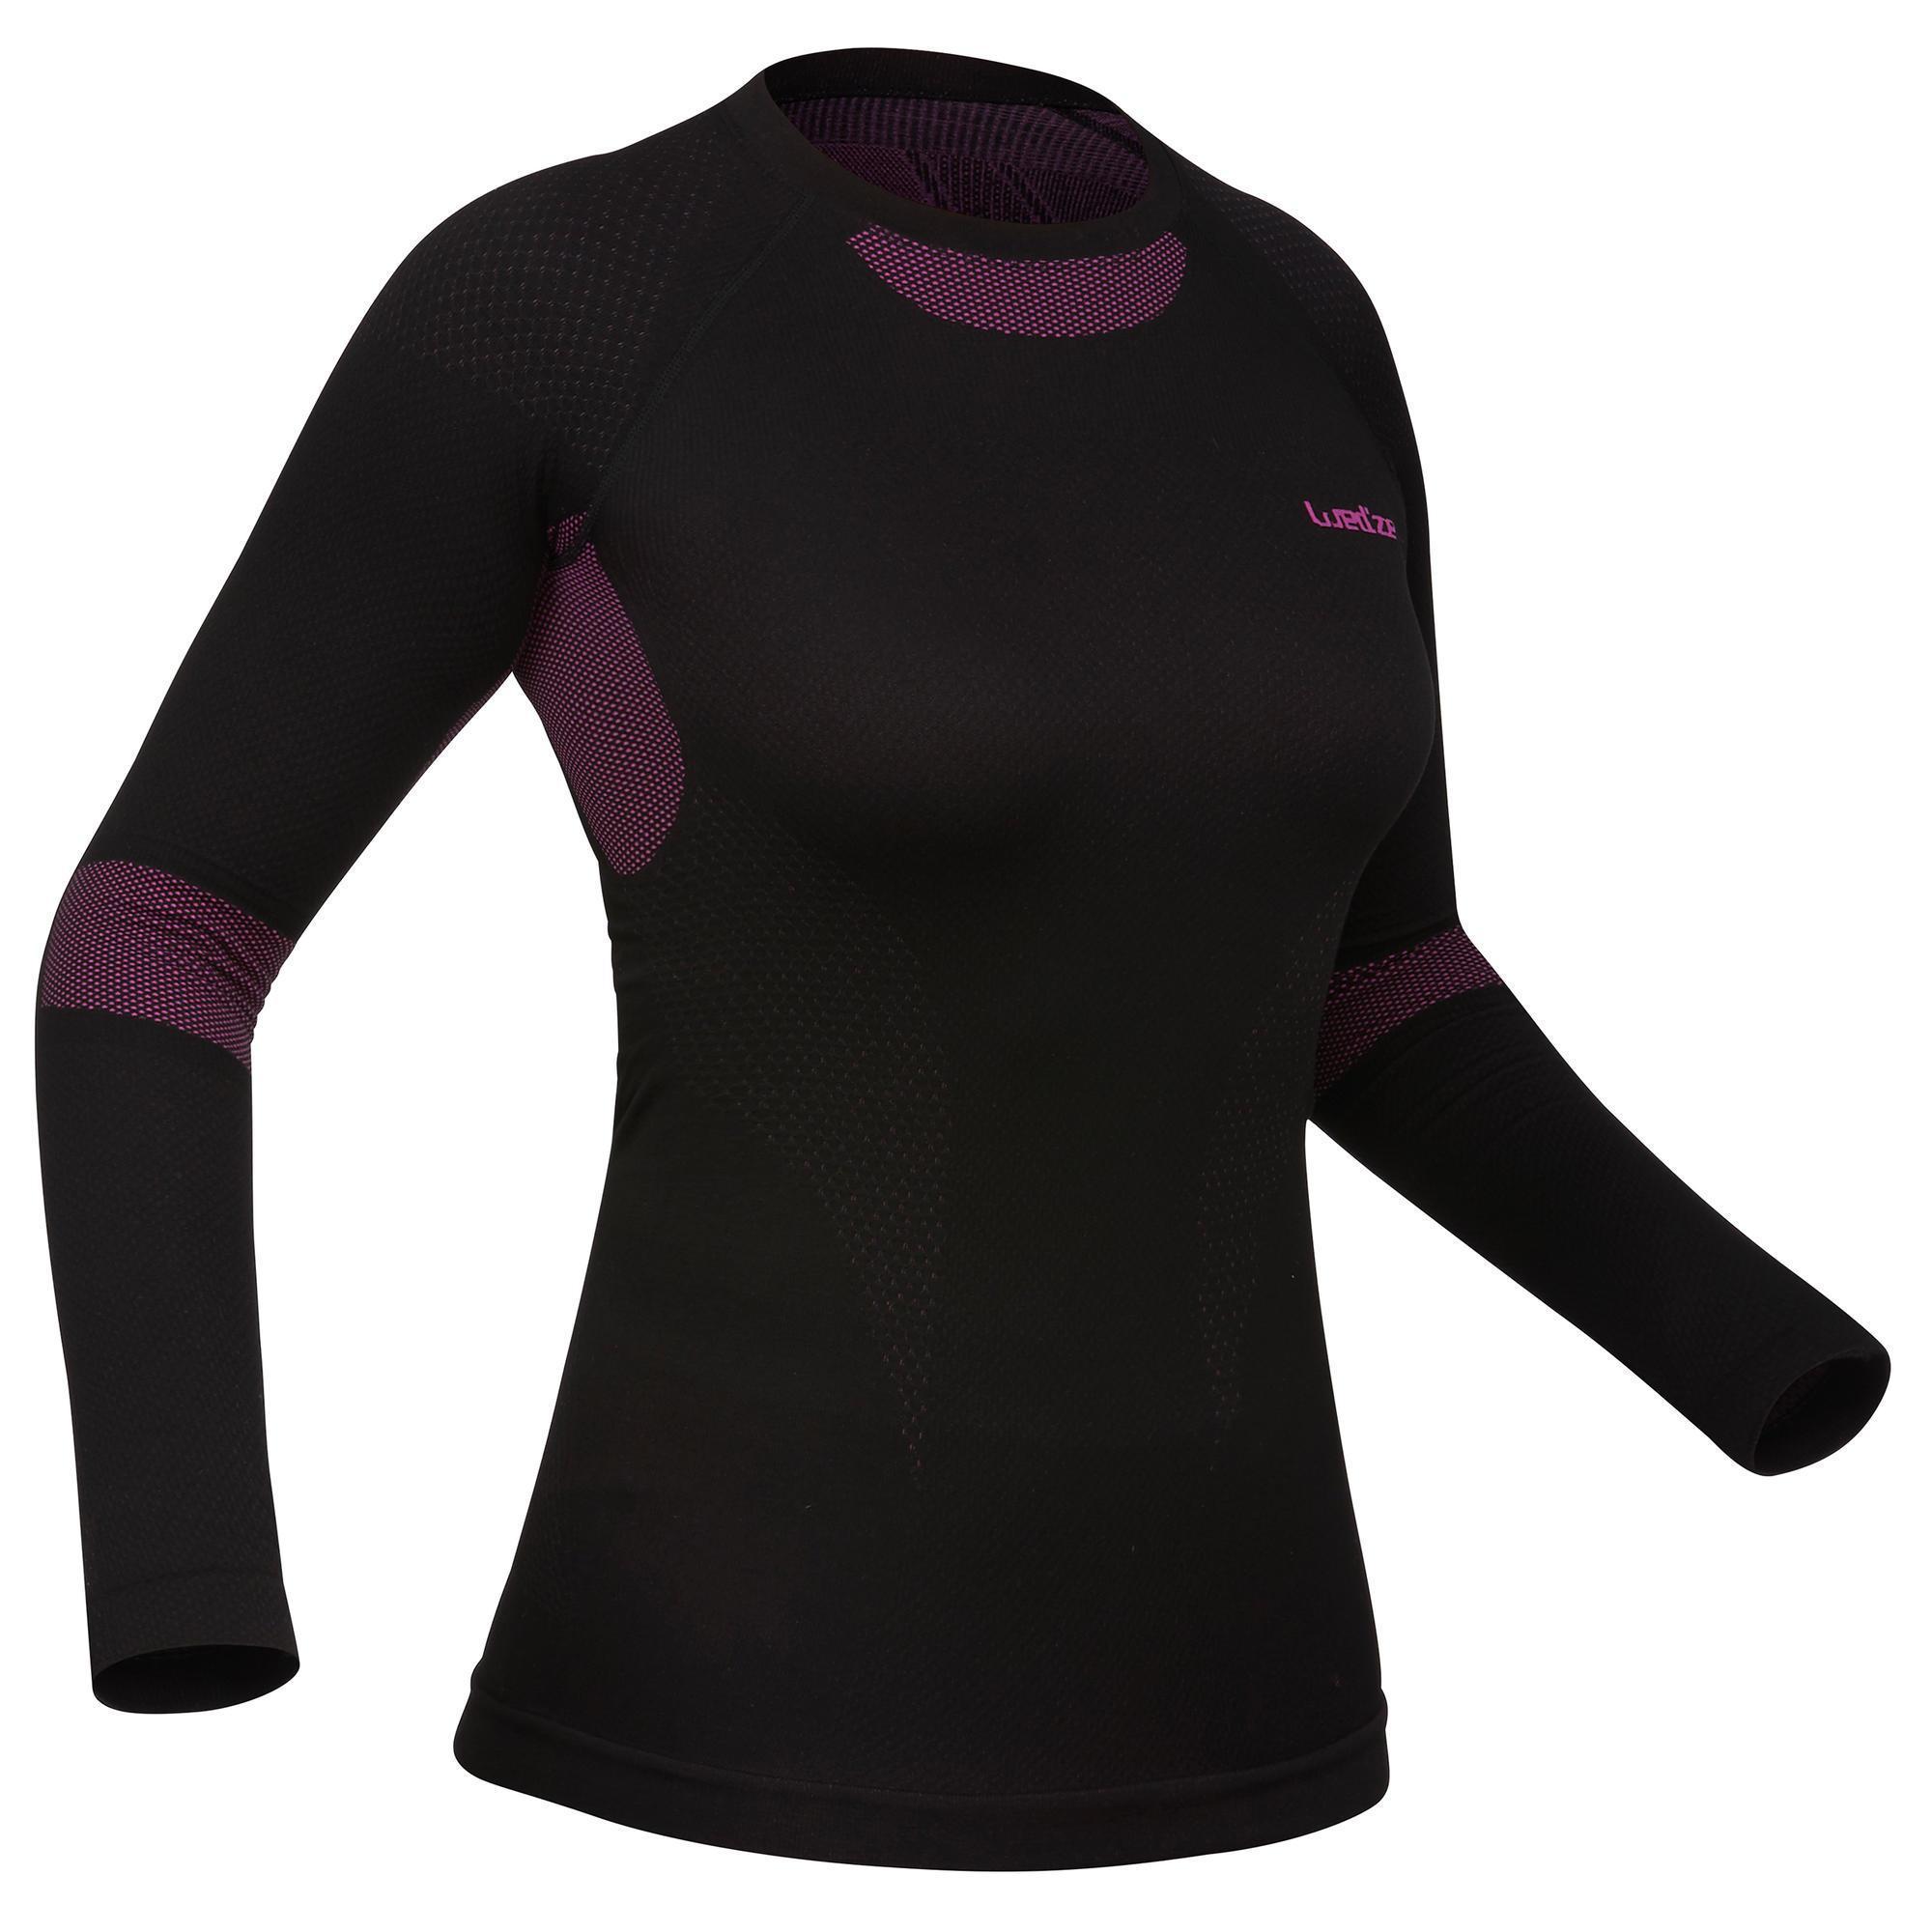 Skiunterhemd Funktionsshirt Damen i-Soft schwarz | Sportbekleidung > Funktionswäsche > Thermounterwäsche | Wed'ze